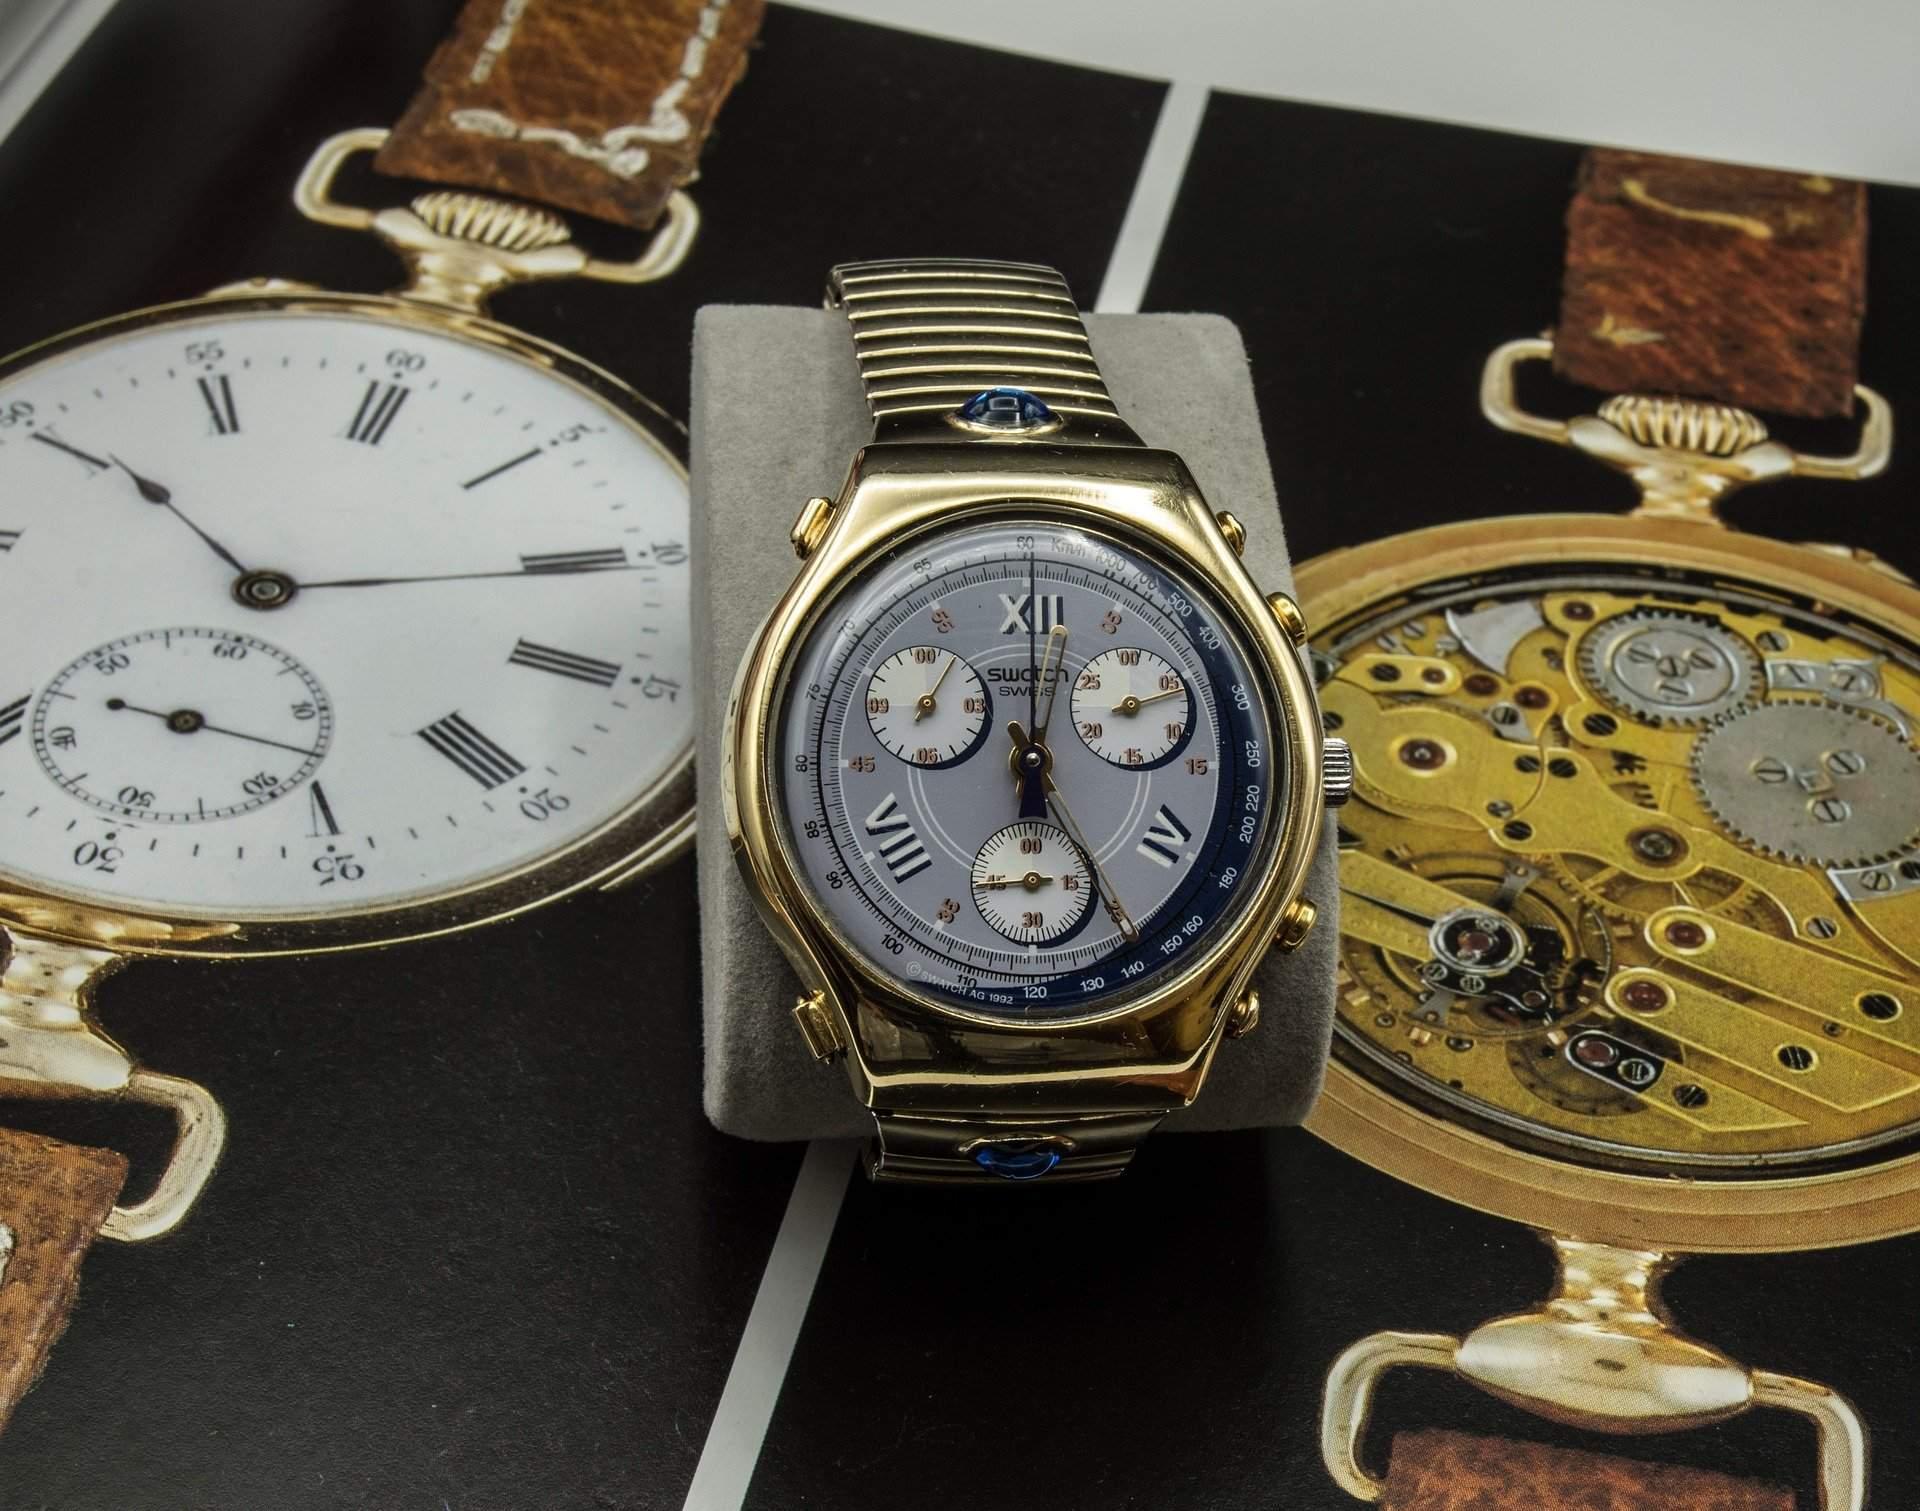 Mit Seikos erster Quarzuhr hielt die Massenproduktion Einzug in die Uhrenindustrie.